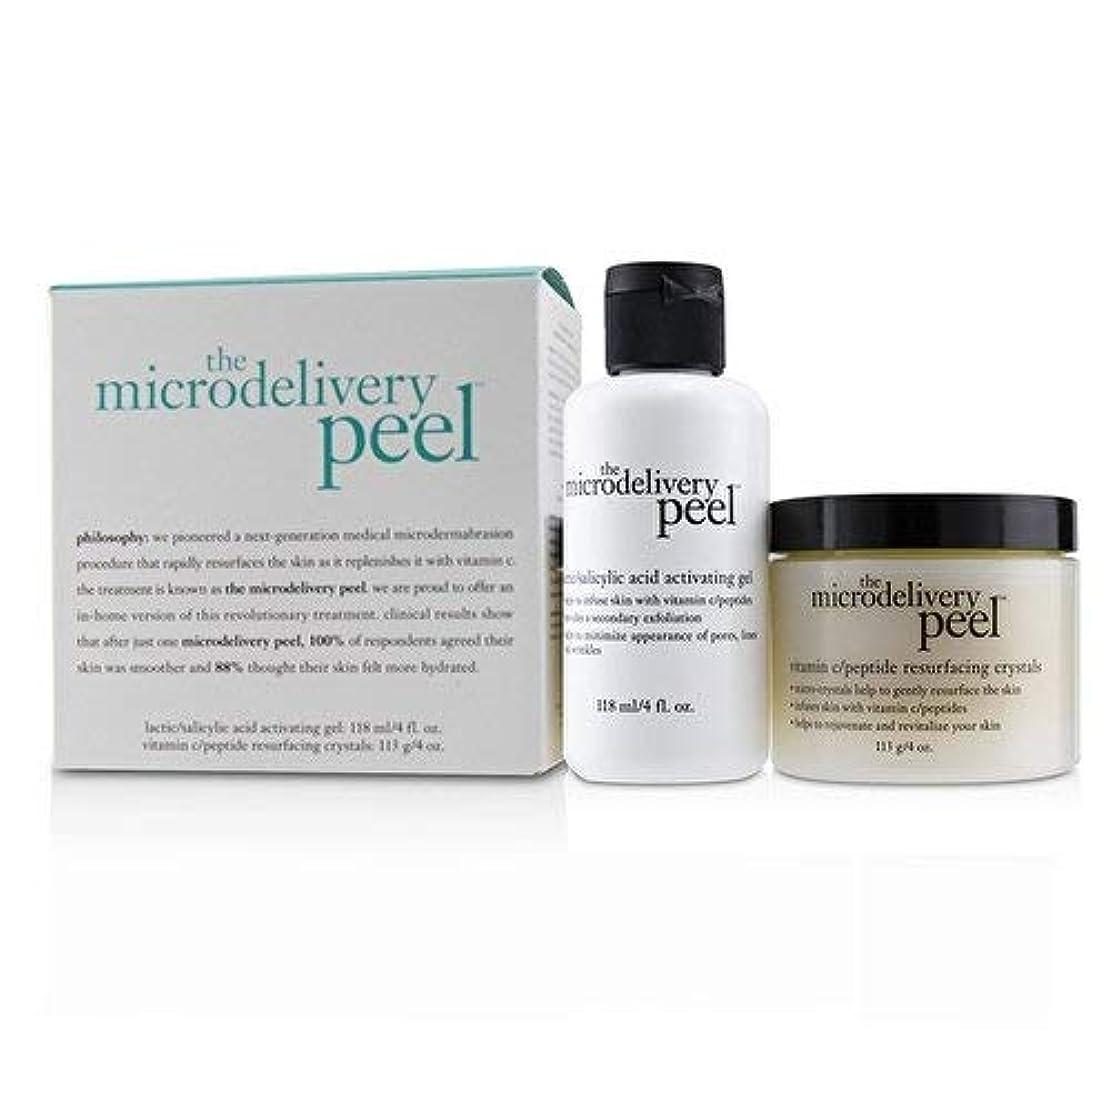 フォーカススパイラルシャープフィロソフィー The Microdelivery Peel: Lactic/Salicylic Acid Activating Gel 118ml + Vitamin C/Peptide Resurfacing Crystals 2pcs並行輸入品